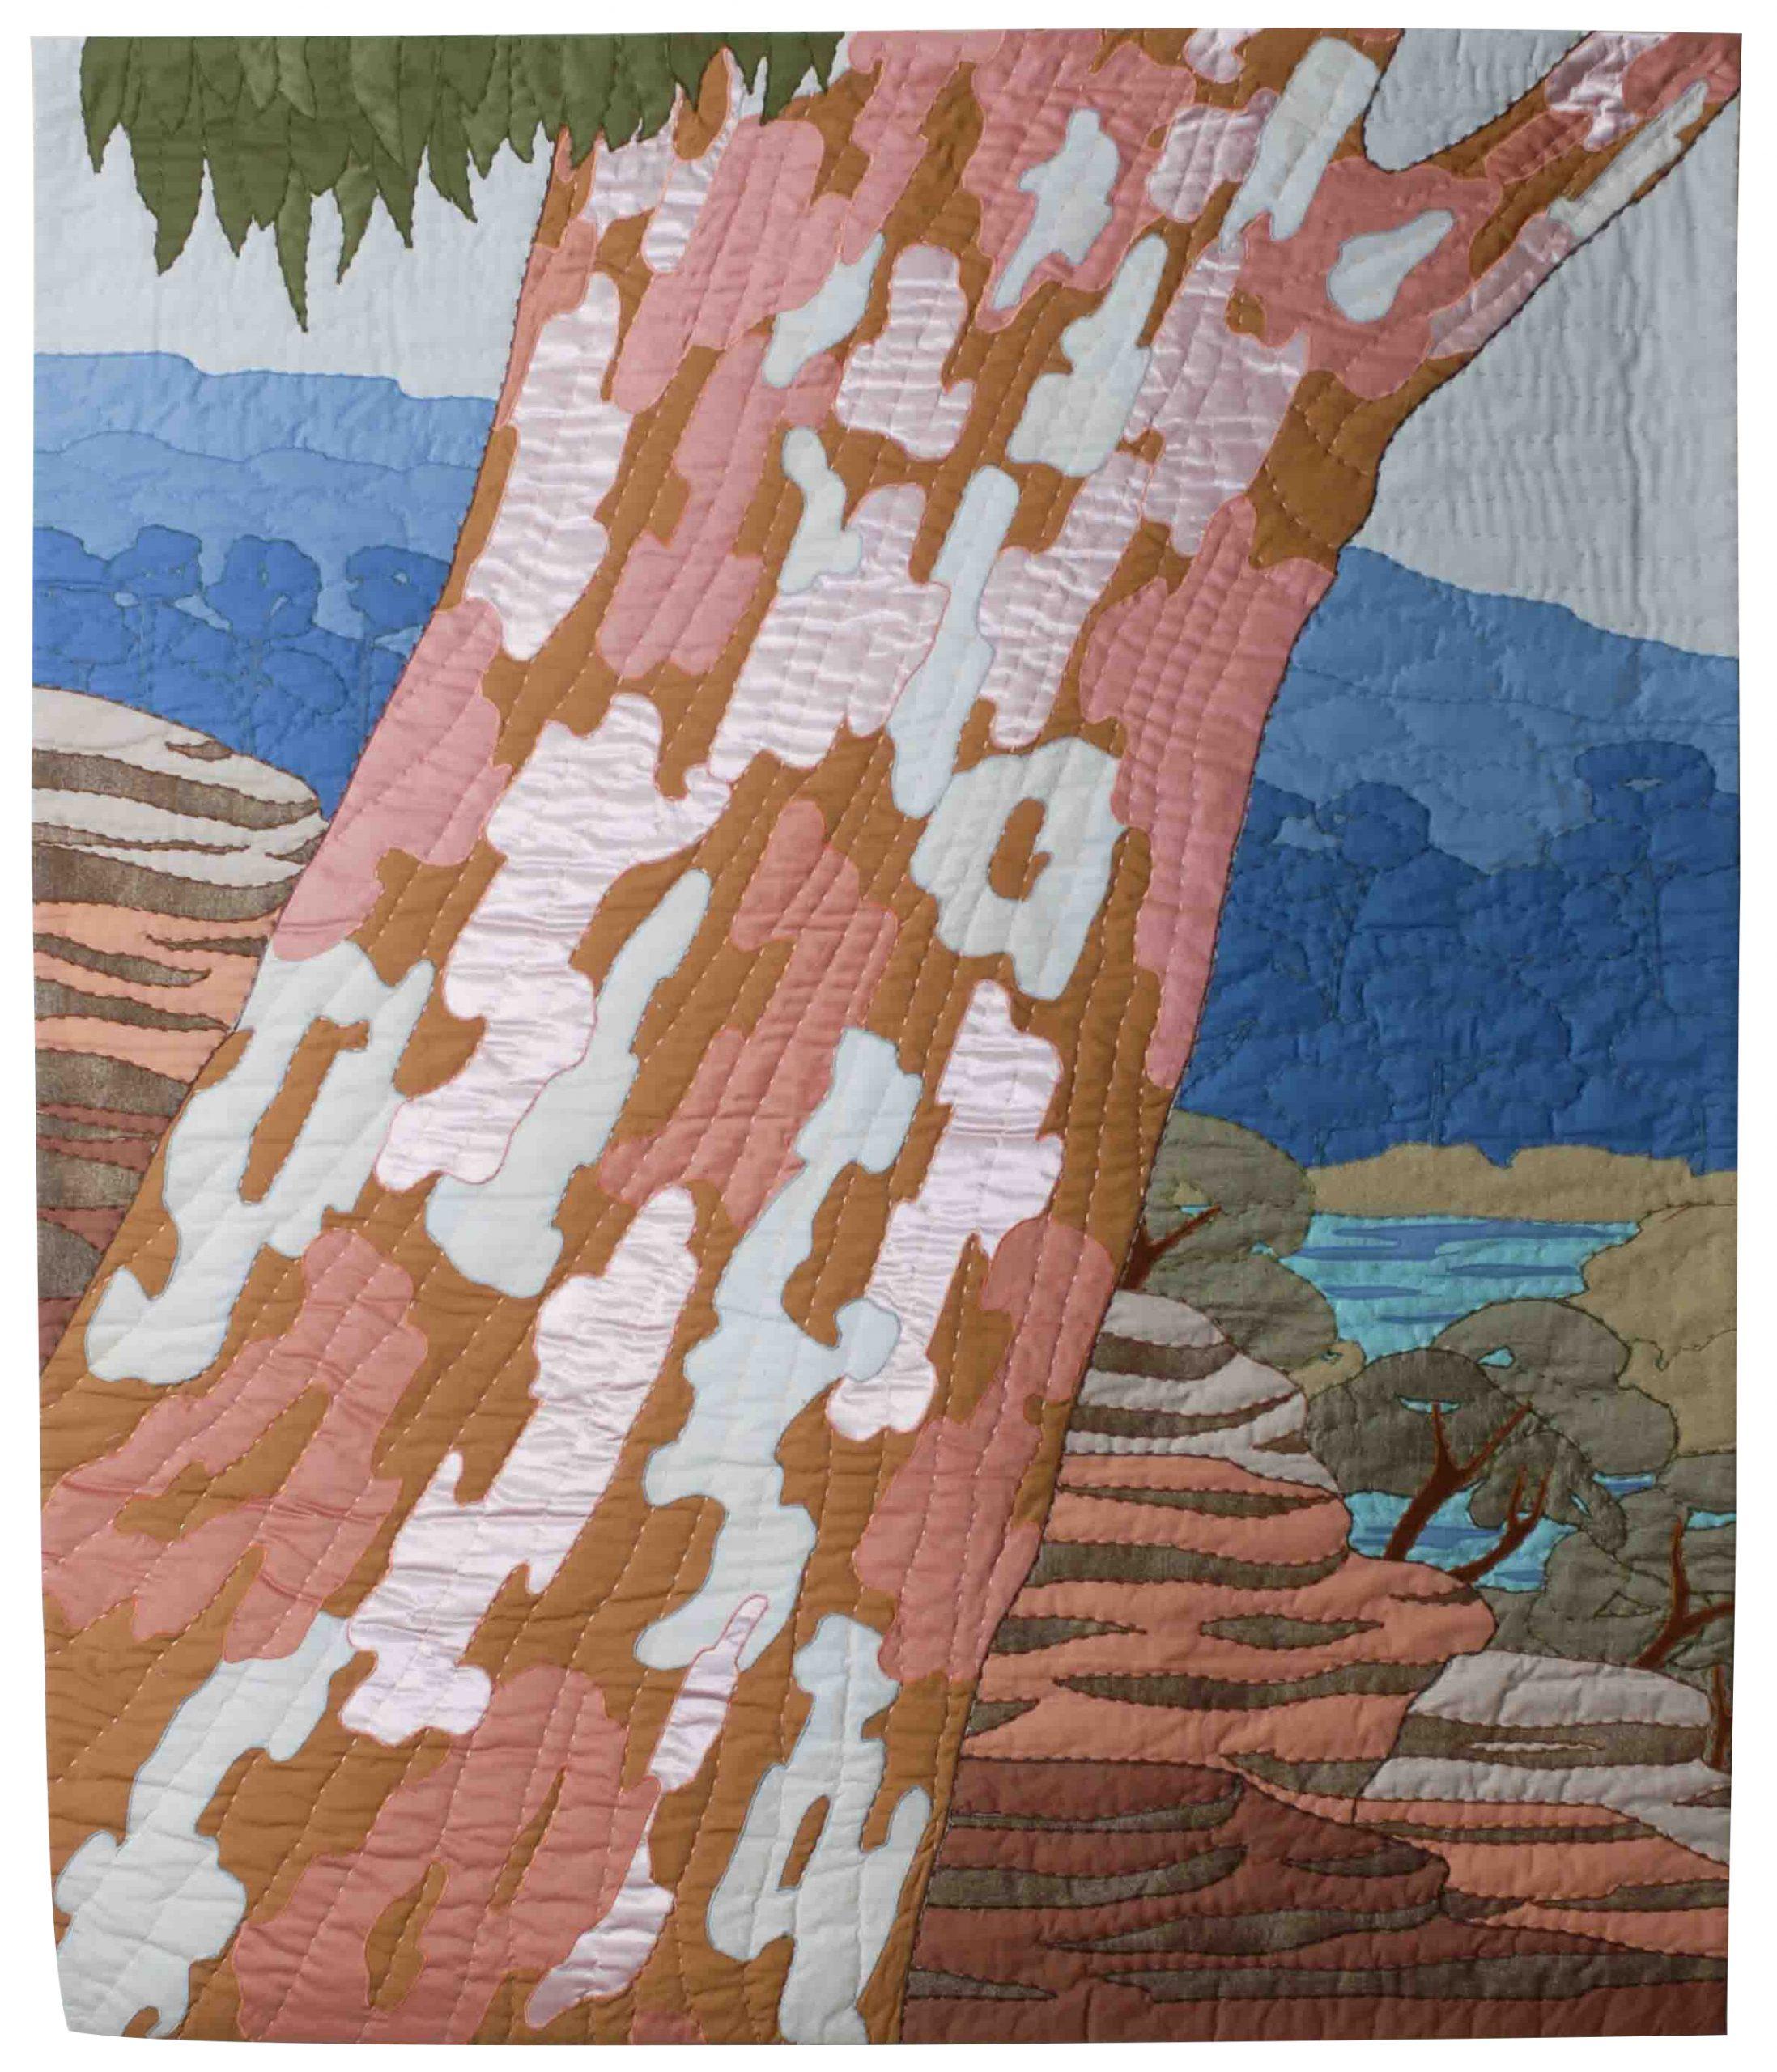 Sydney Red Gum, Bobbin Head (1990) 162cm H x 135cm W